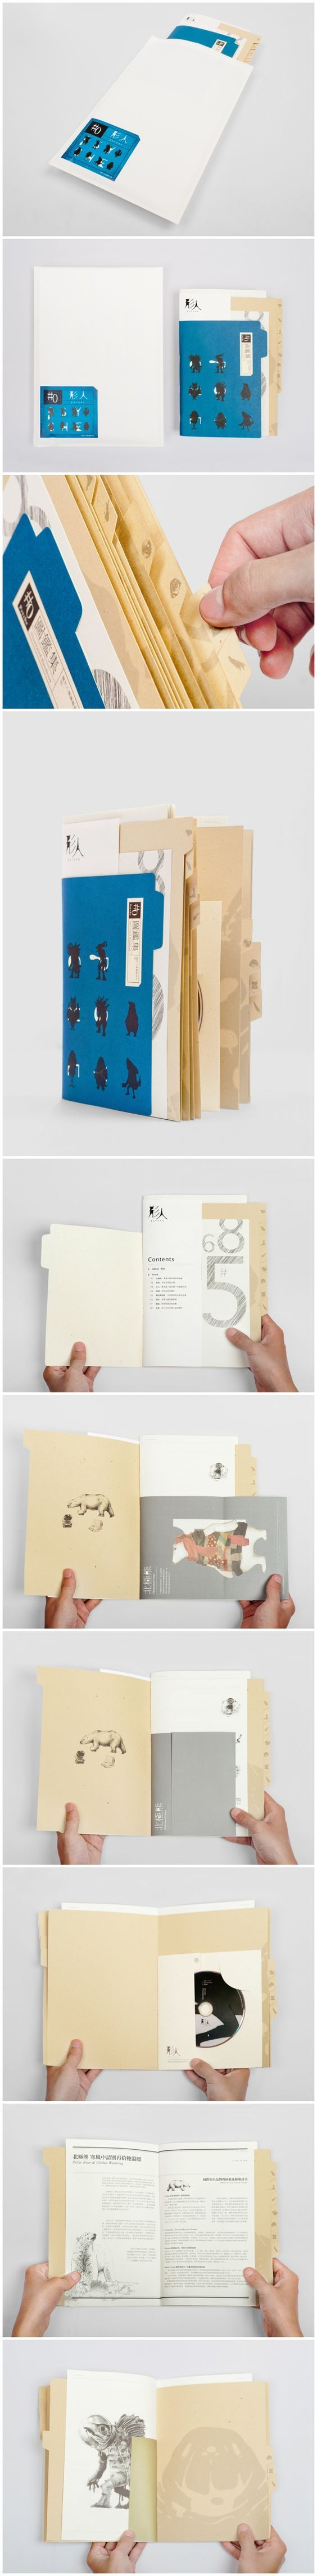 許琪圖鑑/東方編輯設計#experimental #books: